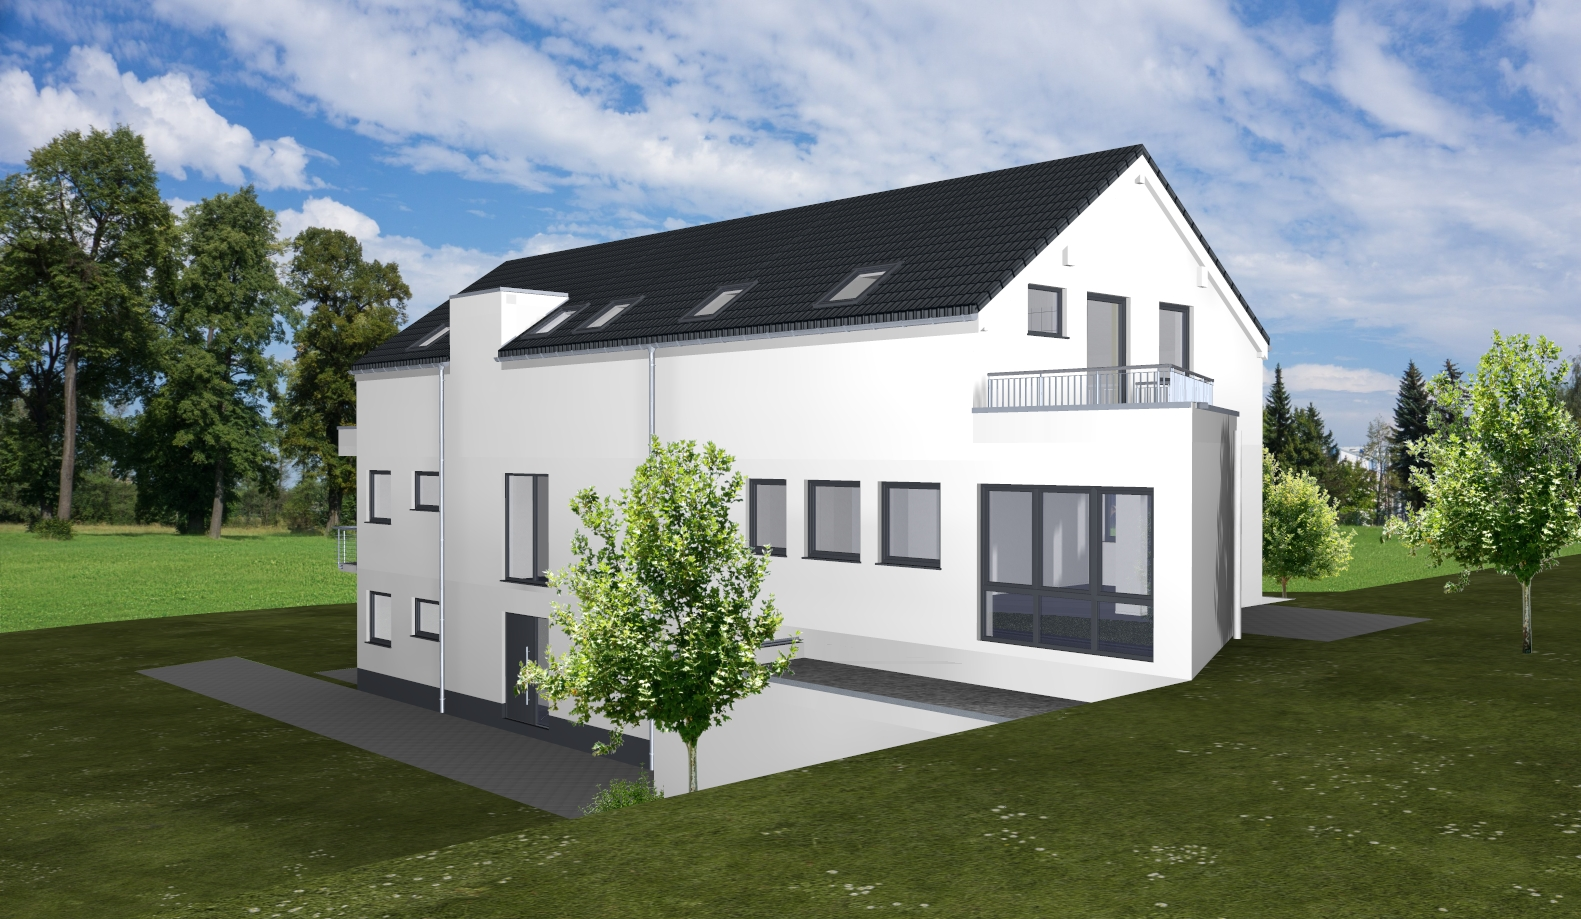 Mehrfamilienhaus | www.artos-haus.de Bild 2